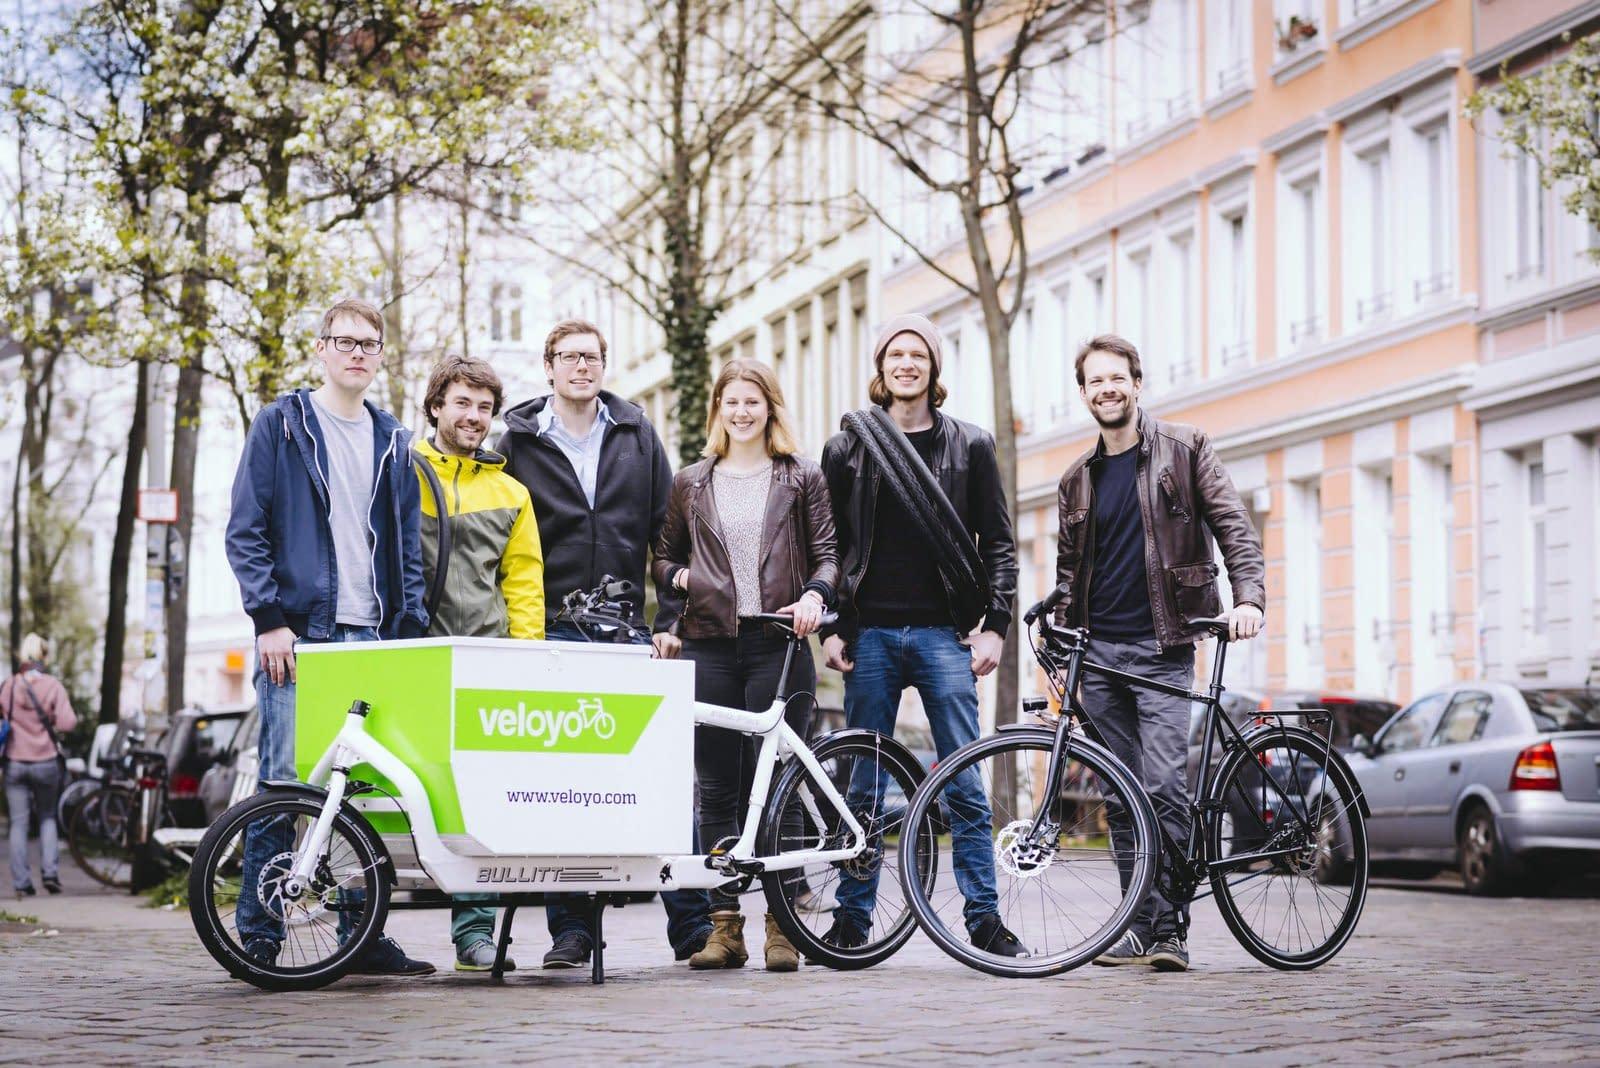 businessfotograf-hamburg-pressefotos-public-relations-pr-unternehmensfotografie-startup-gruender-fahrrad-veloyo-1